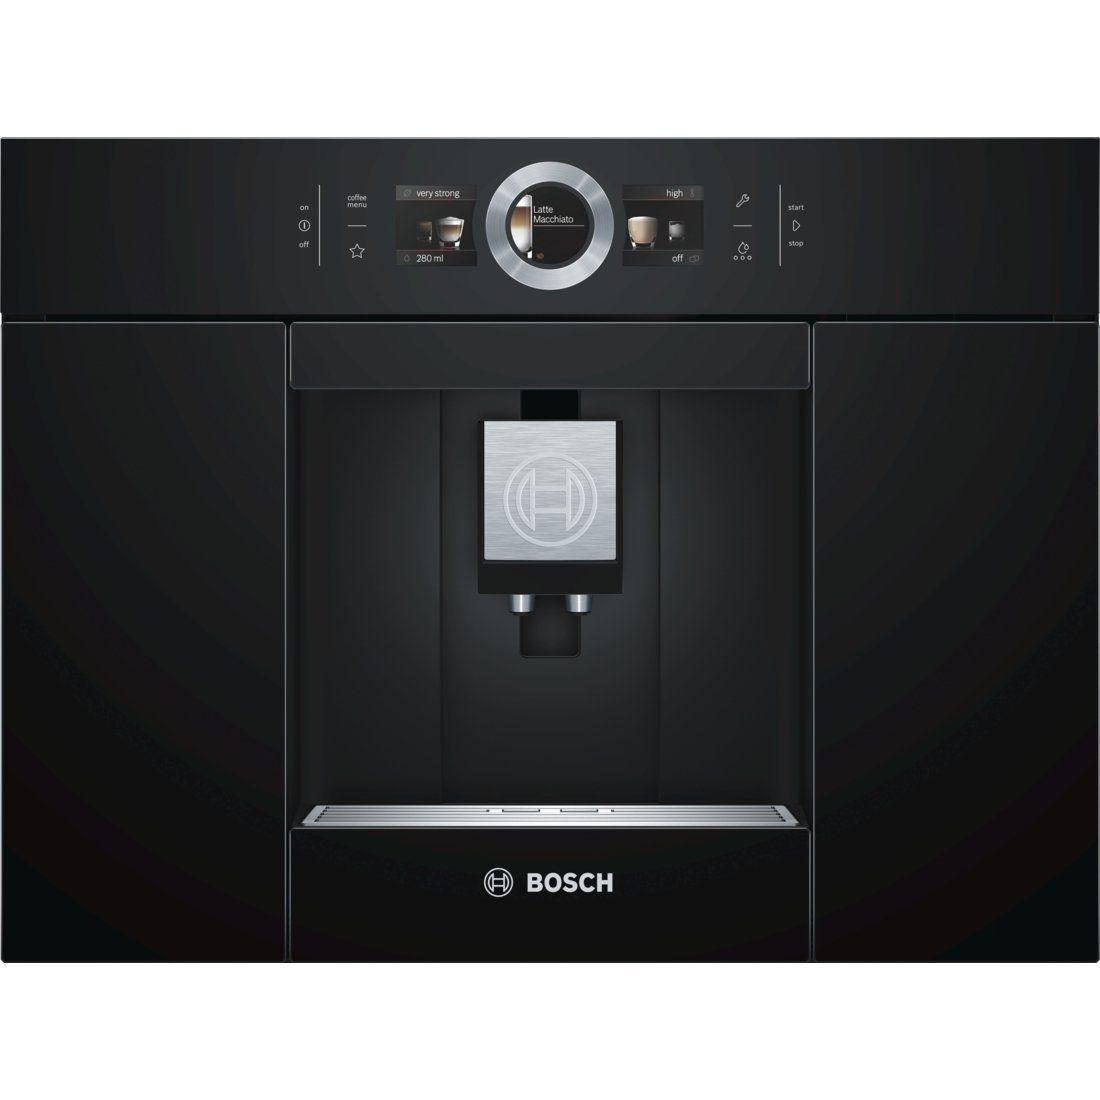 Bosch CTL636EB6 Espresso machine 2,4L Noir (Cafetière Espresso machine intégré entièrement automatique grains De Café Café moulu Café crème doré expresso Latte macchiato Ristretto,) Noir